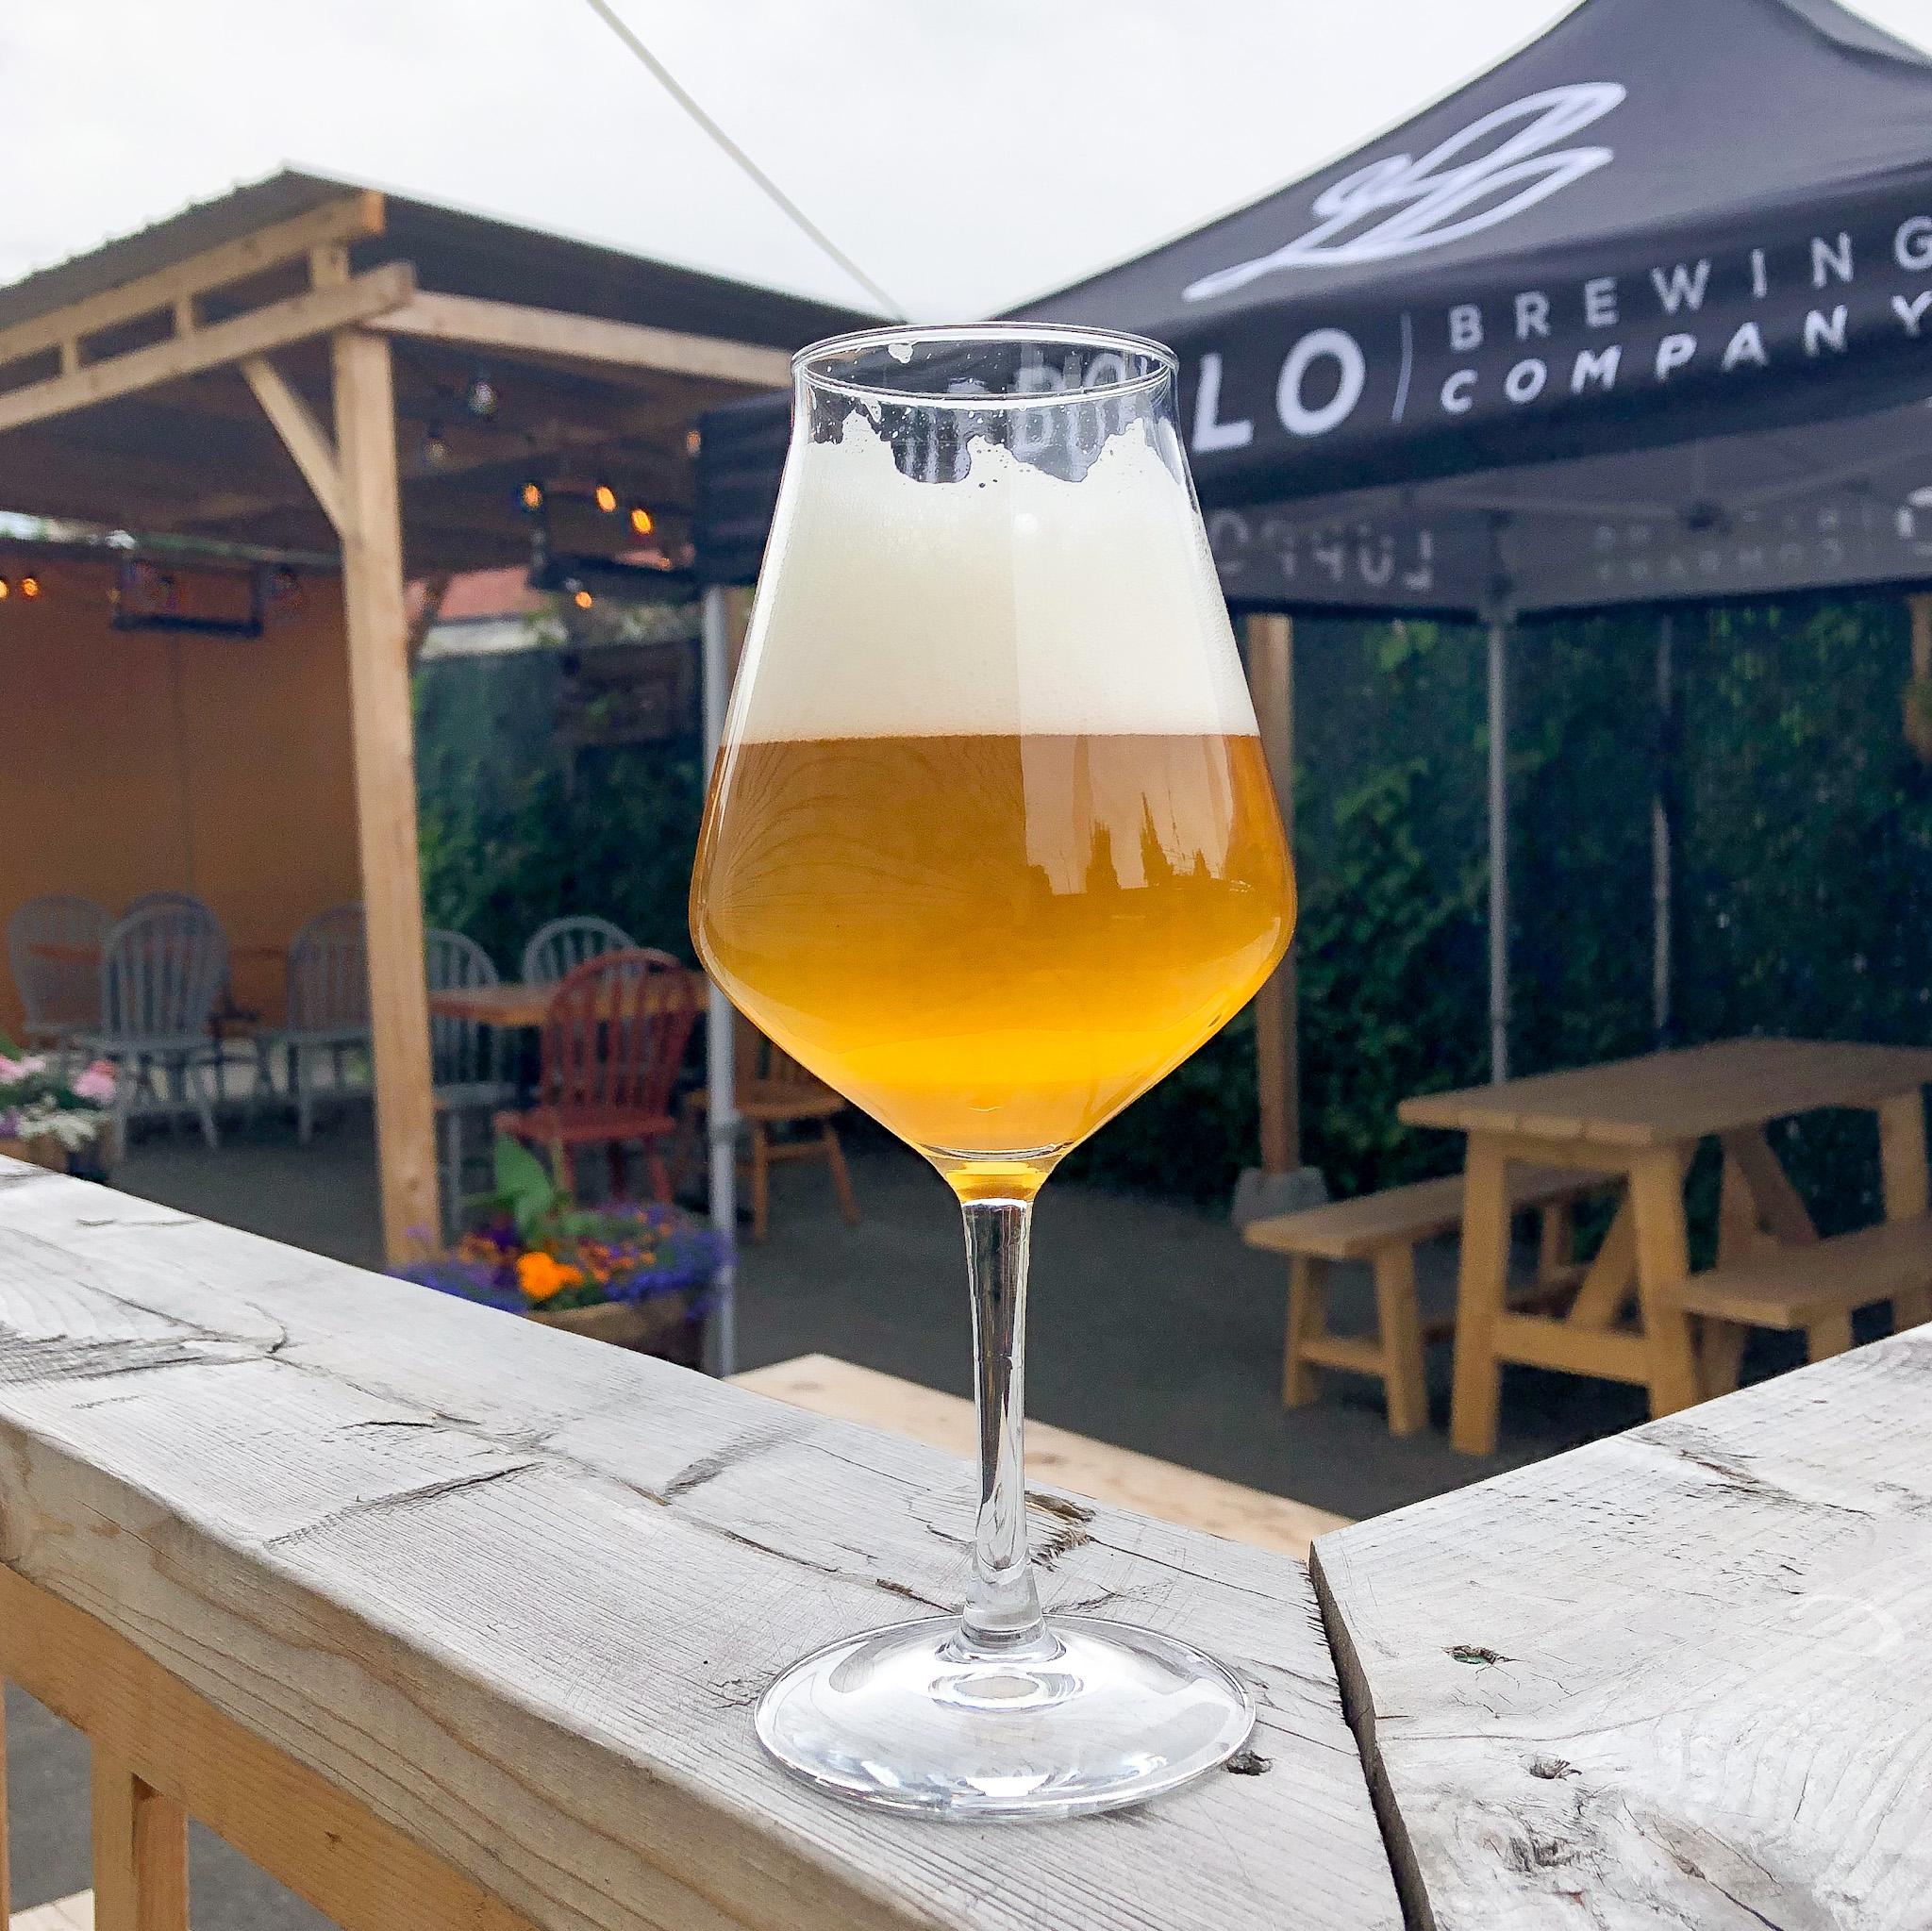 Sogni D'Oro Single Barrel Aged Golden Ale